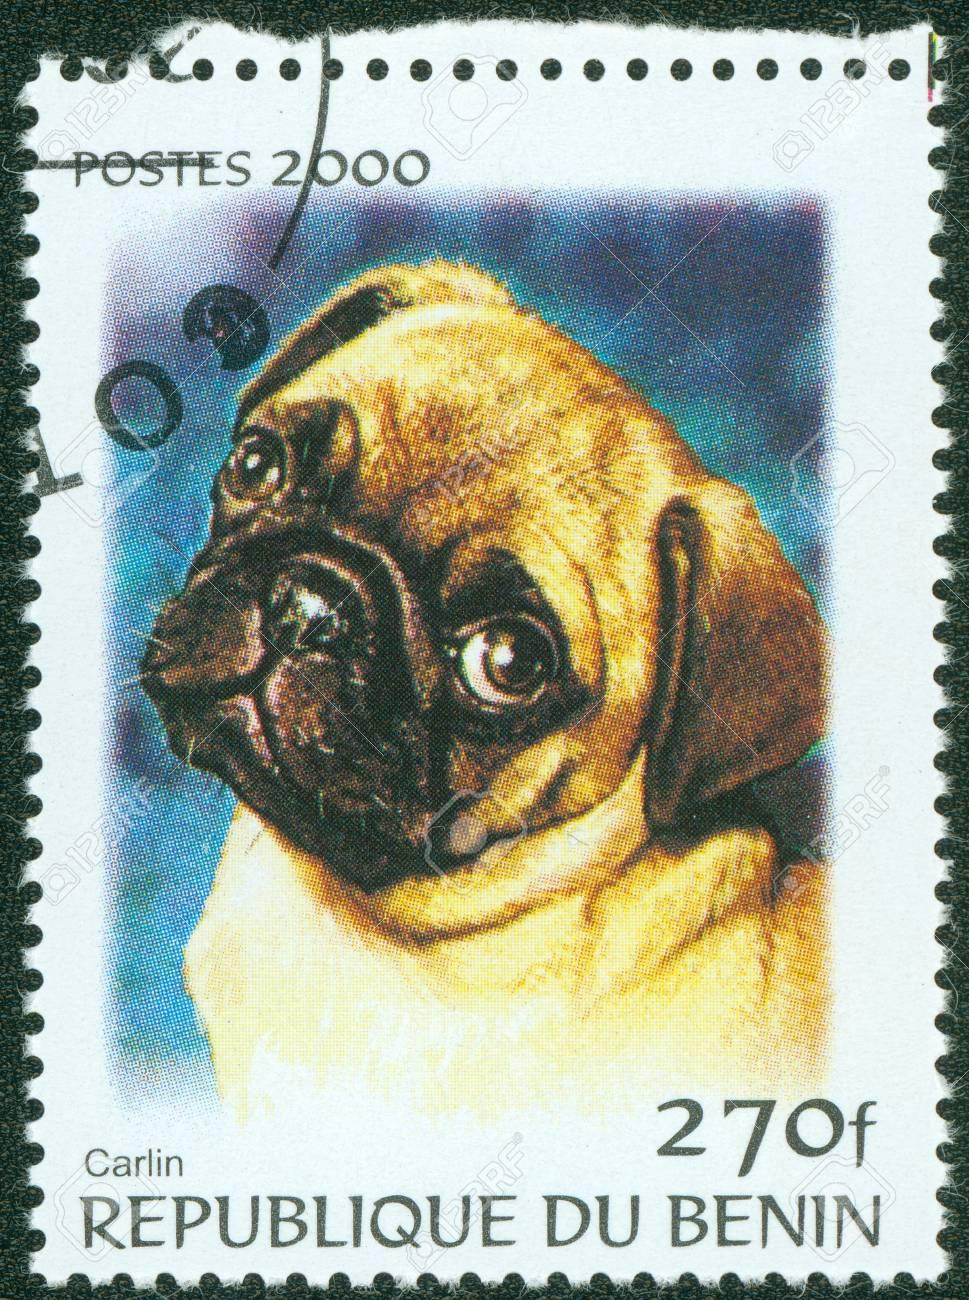 BENIN - CIRCA 2000  A stamp printed in BENIN,shows a dog, circa 2000 Stock Photo - 13858634